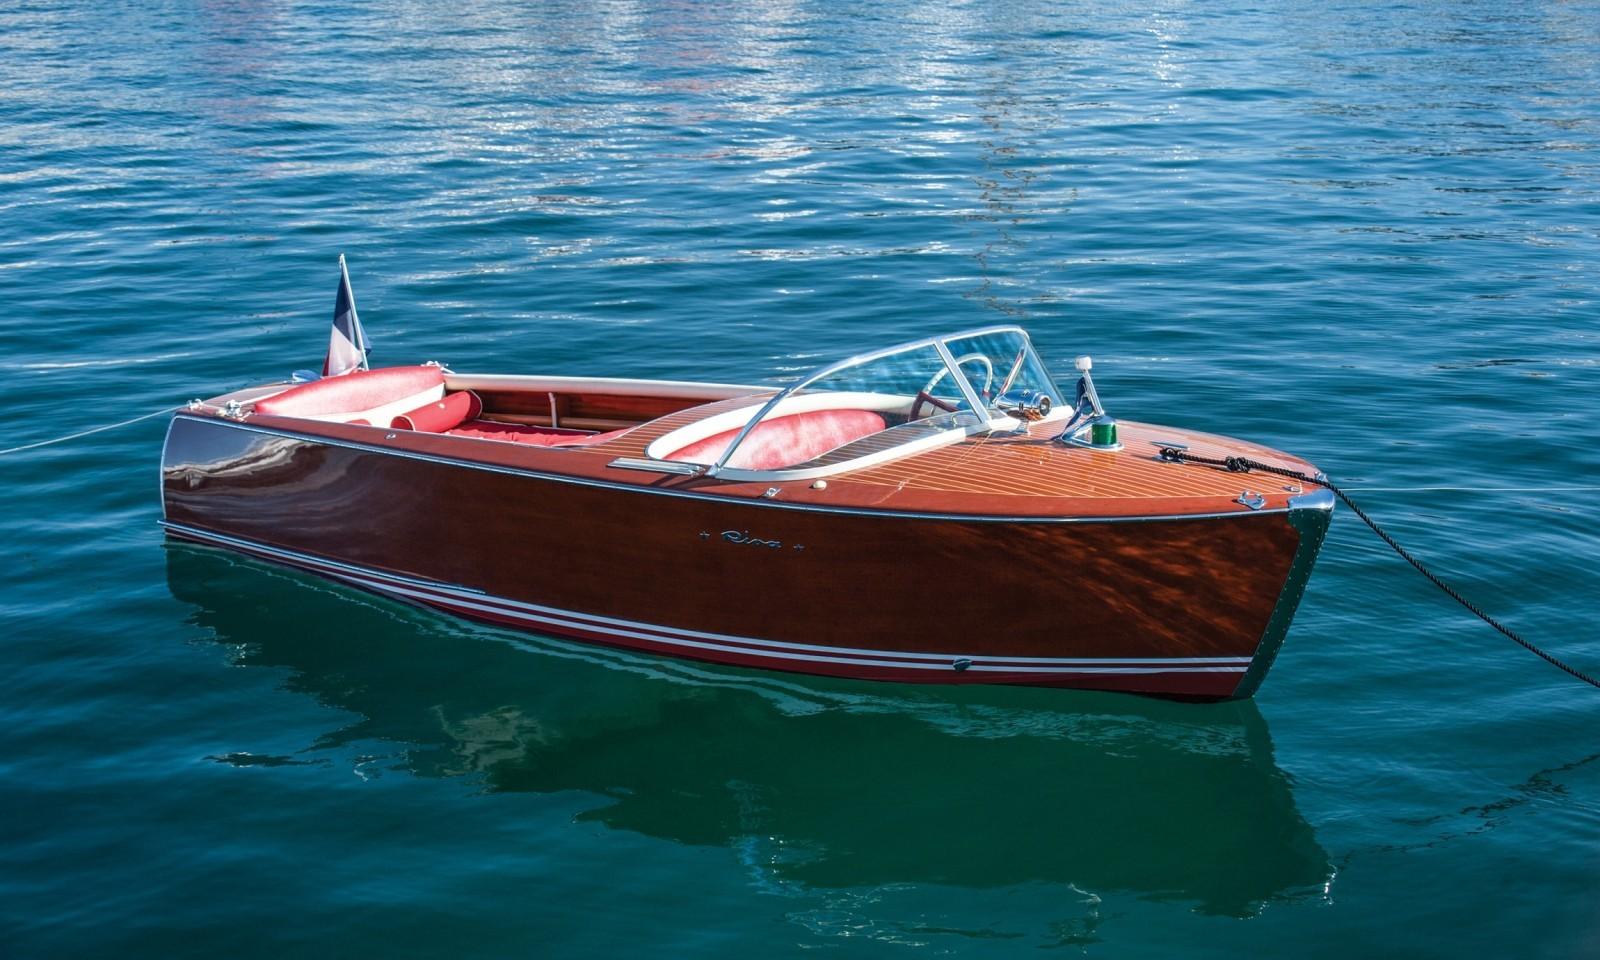 1959 Riva Florida Nounours 1